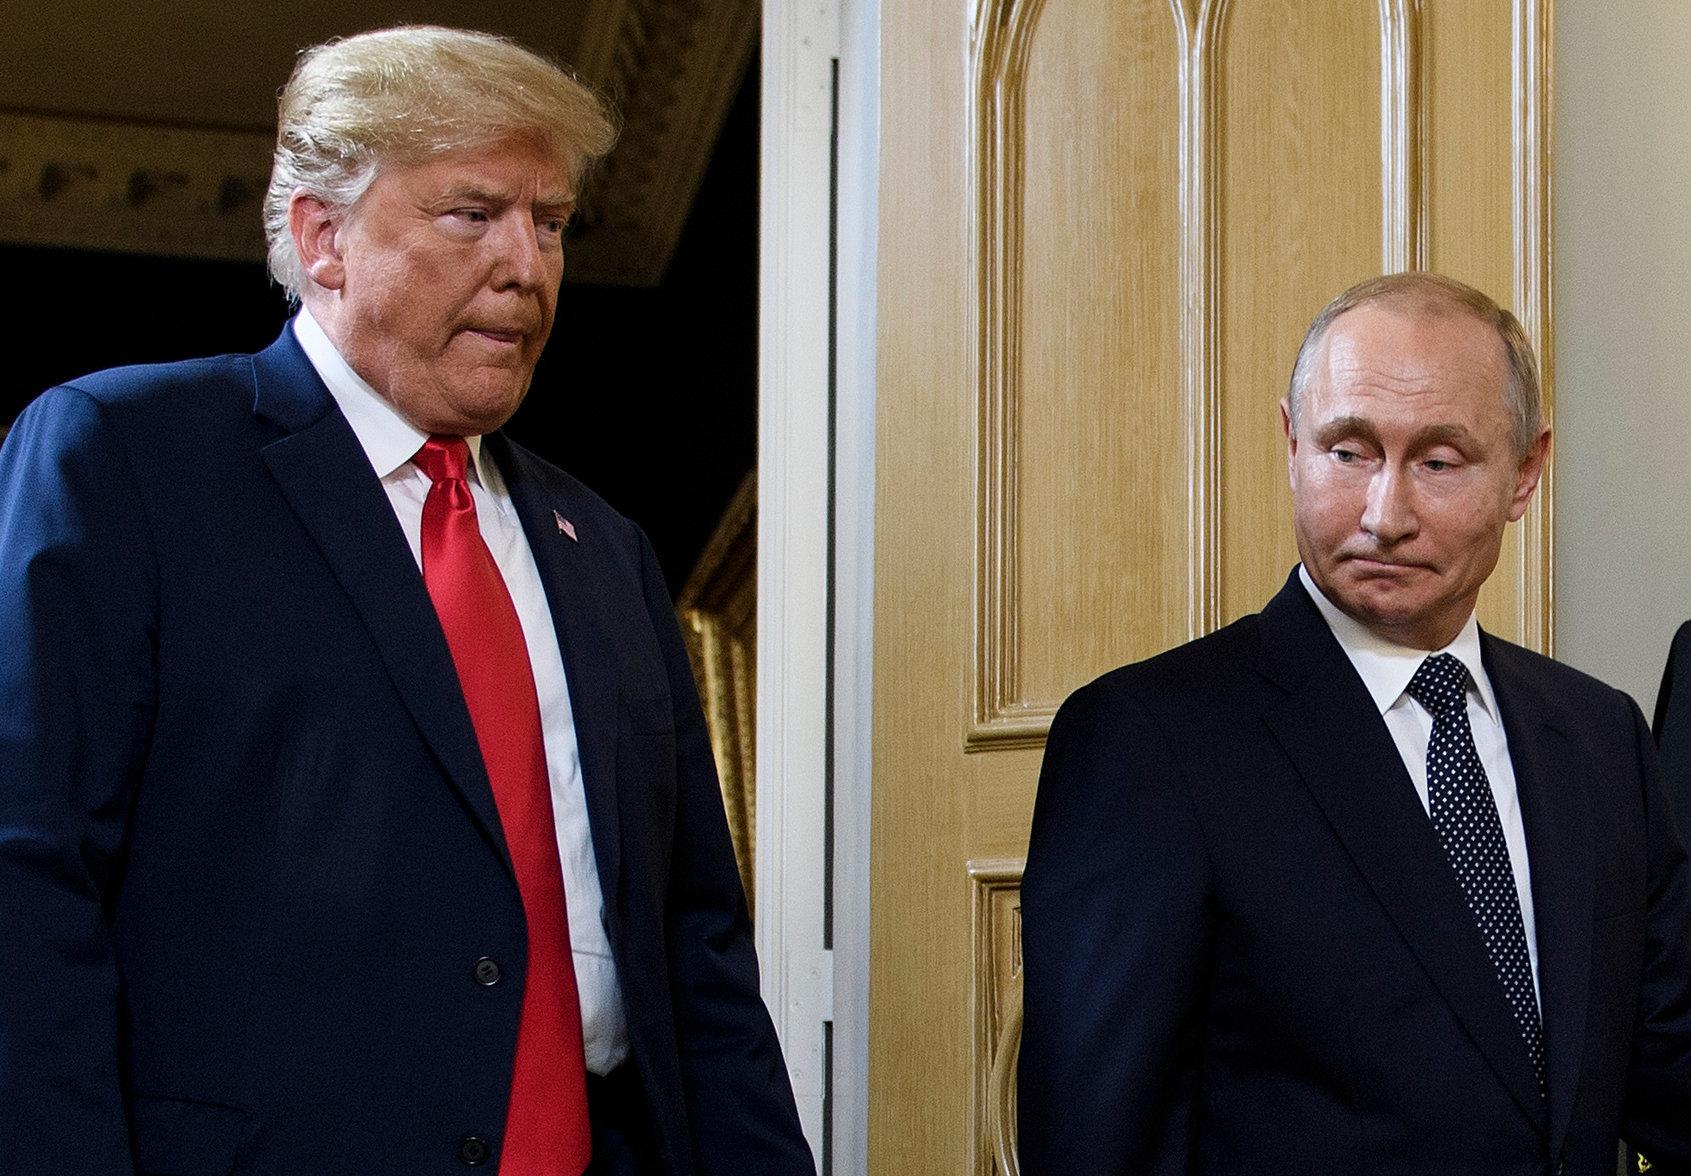 트럼프와 푸틴의 정상회담 직후 미국에서 검색이 폭증한 단어